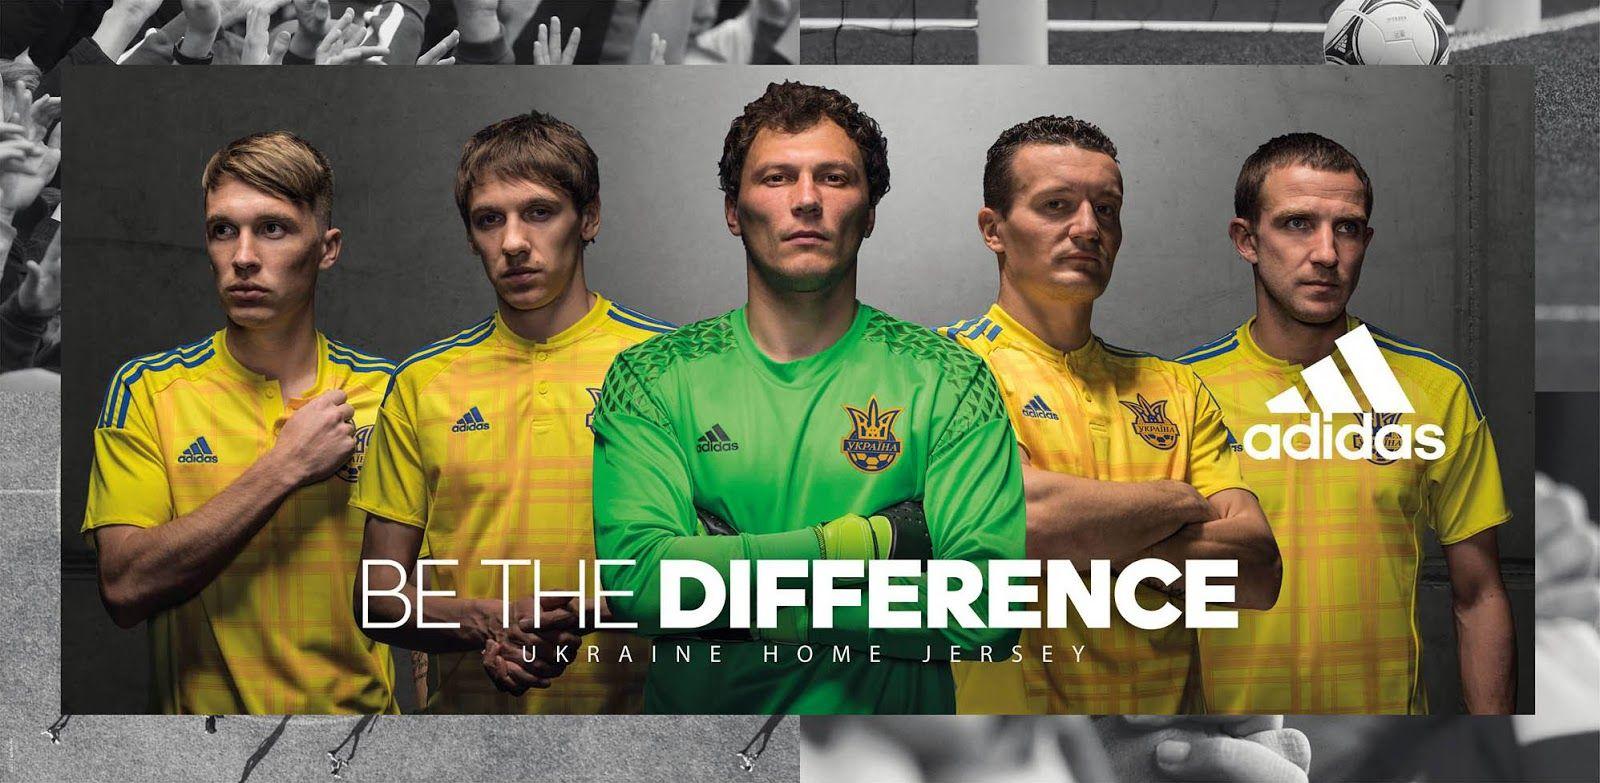 Ukraine Euro 2016 Kits Released - Adidas